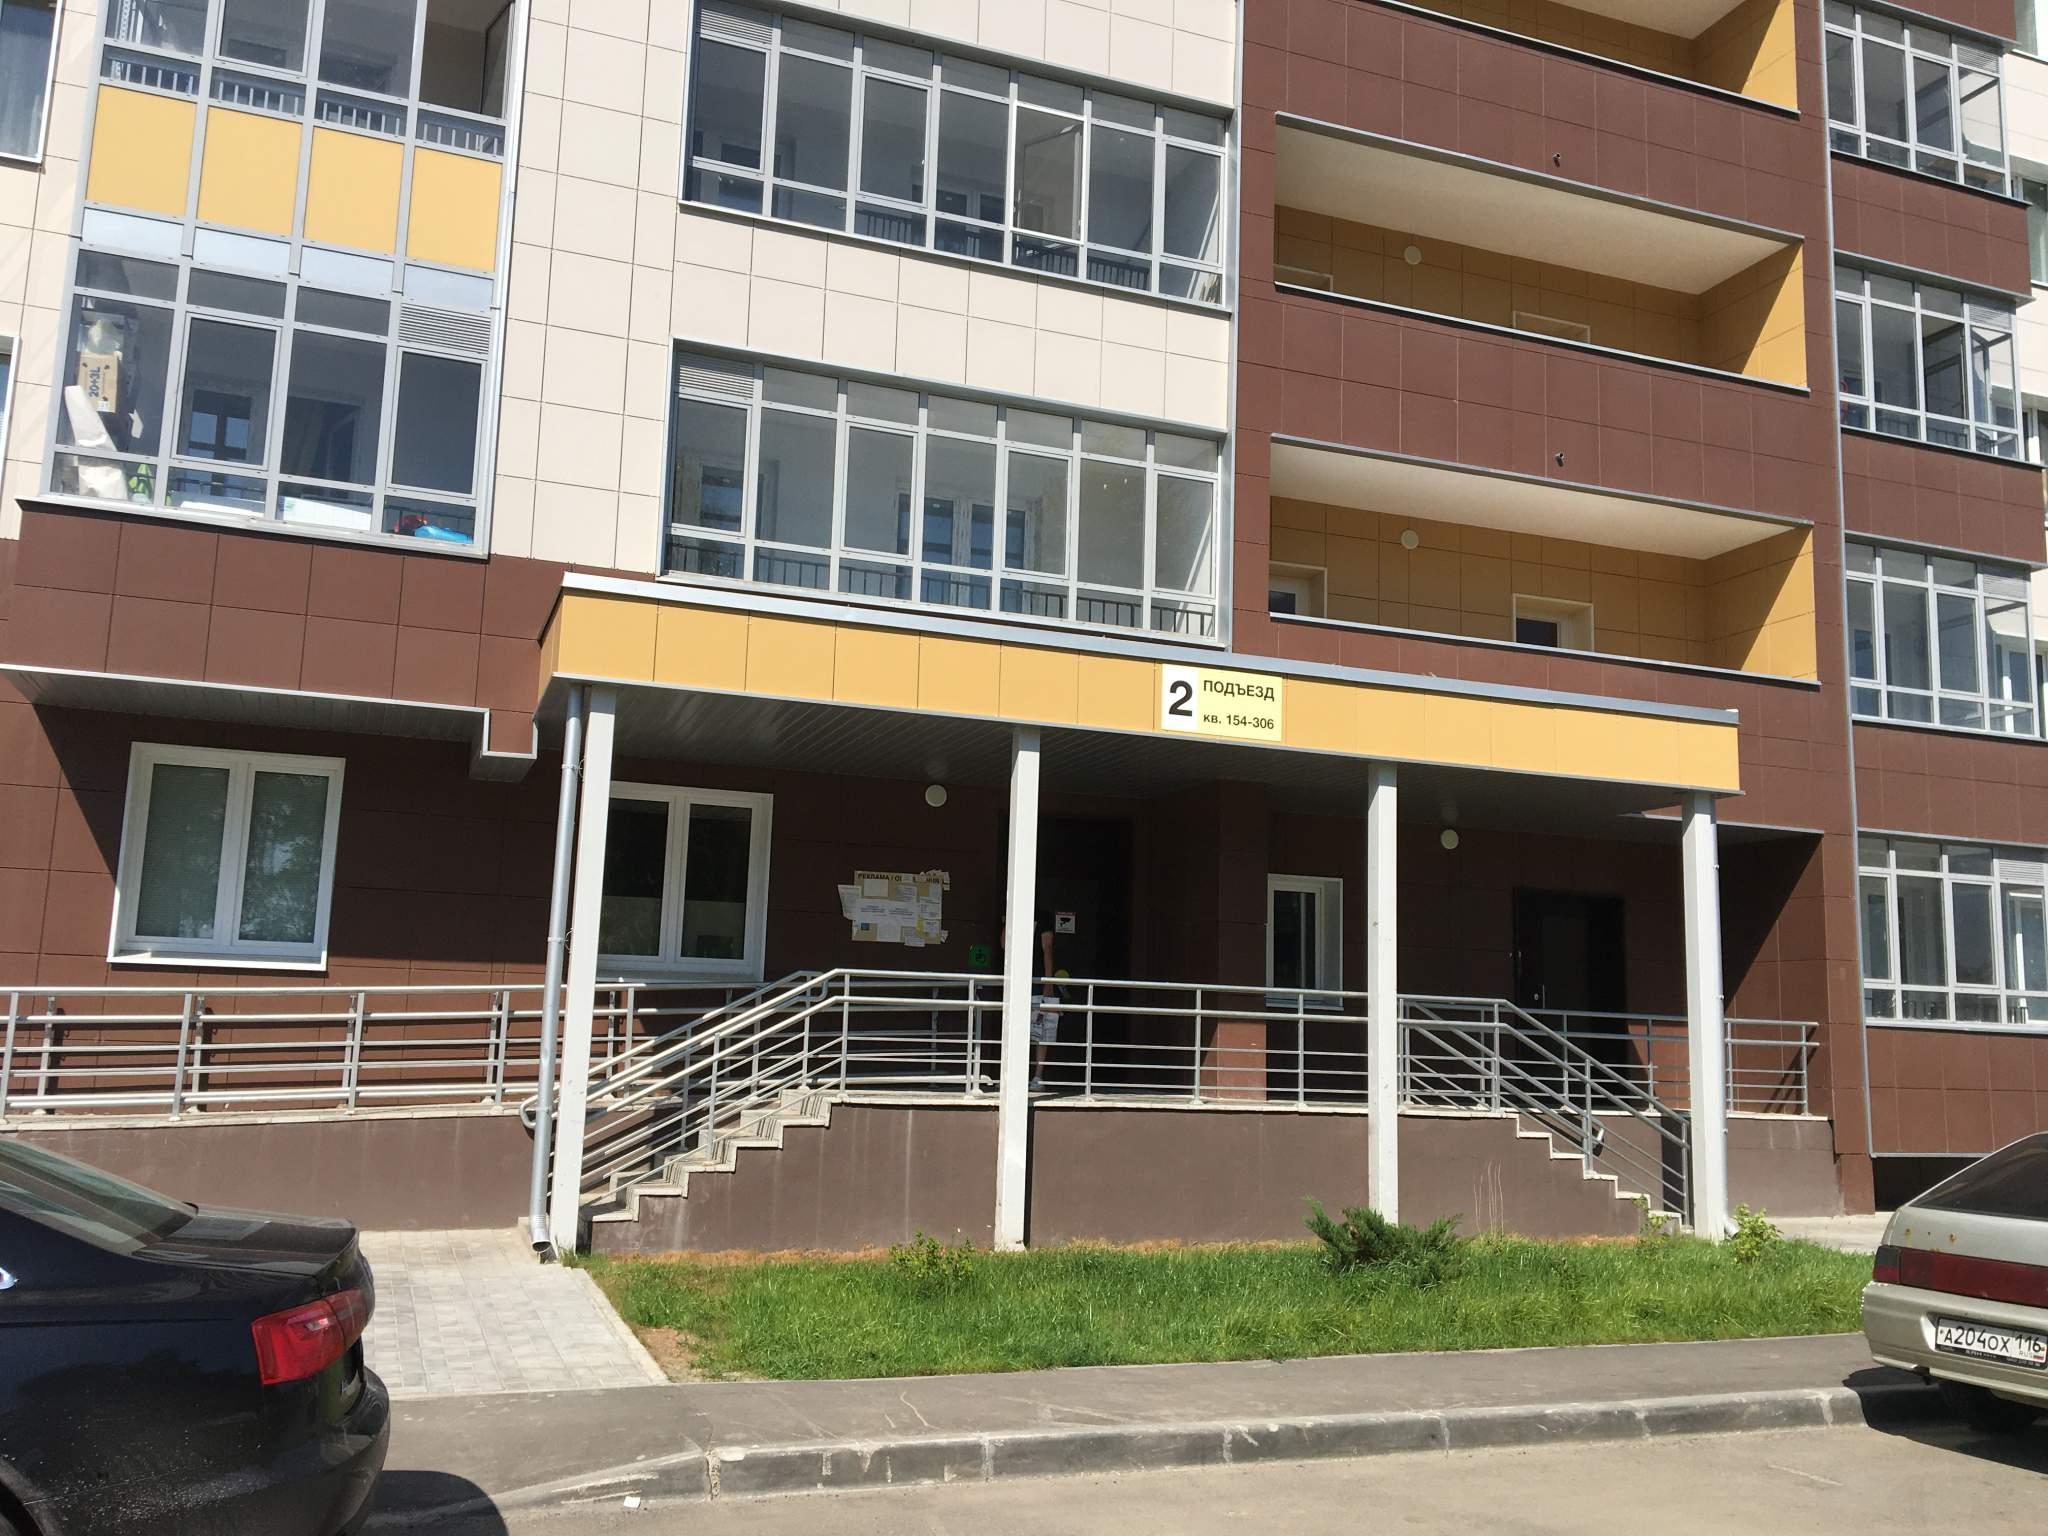 Квартира на продажу по адресу Россия, Татарстан респ, Казань, Счастливая улица, 6